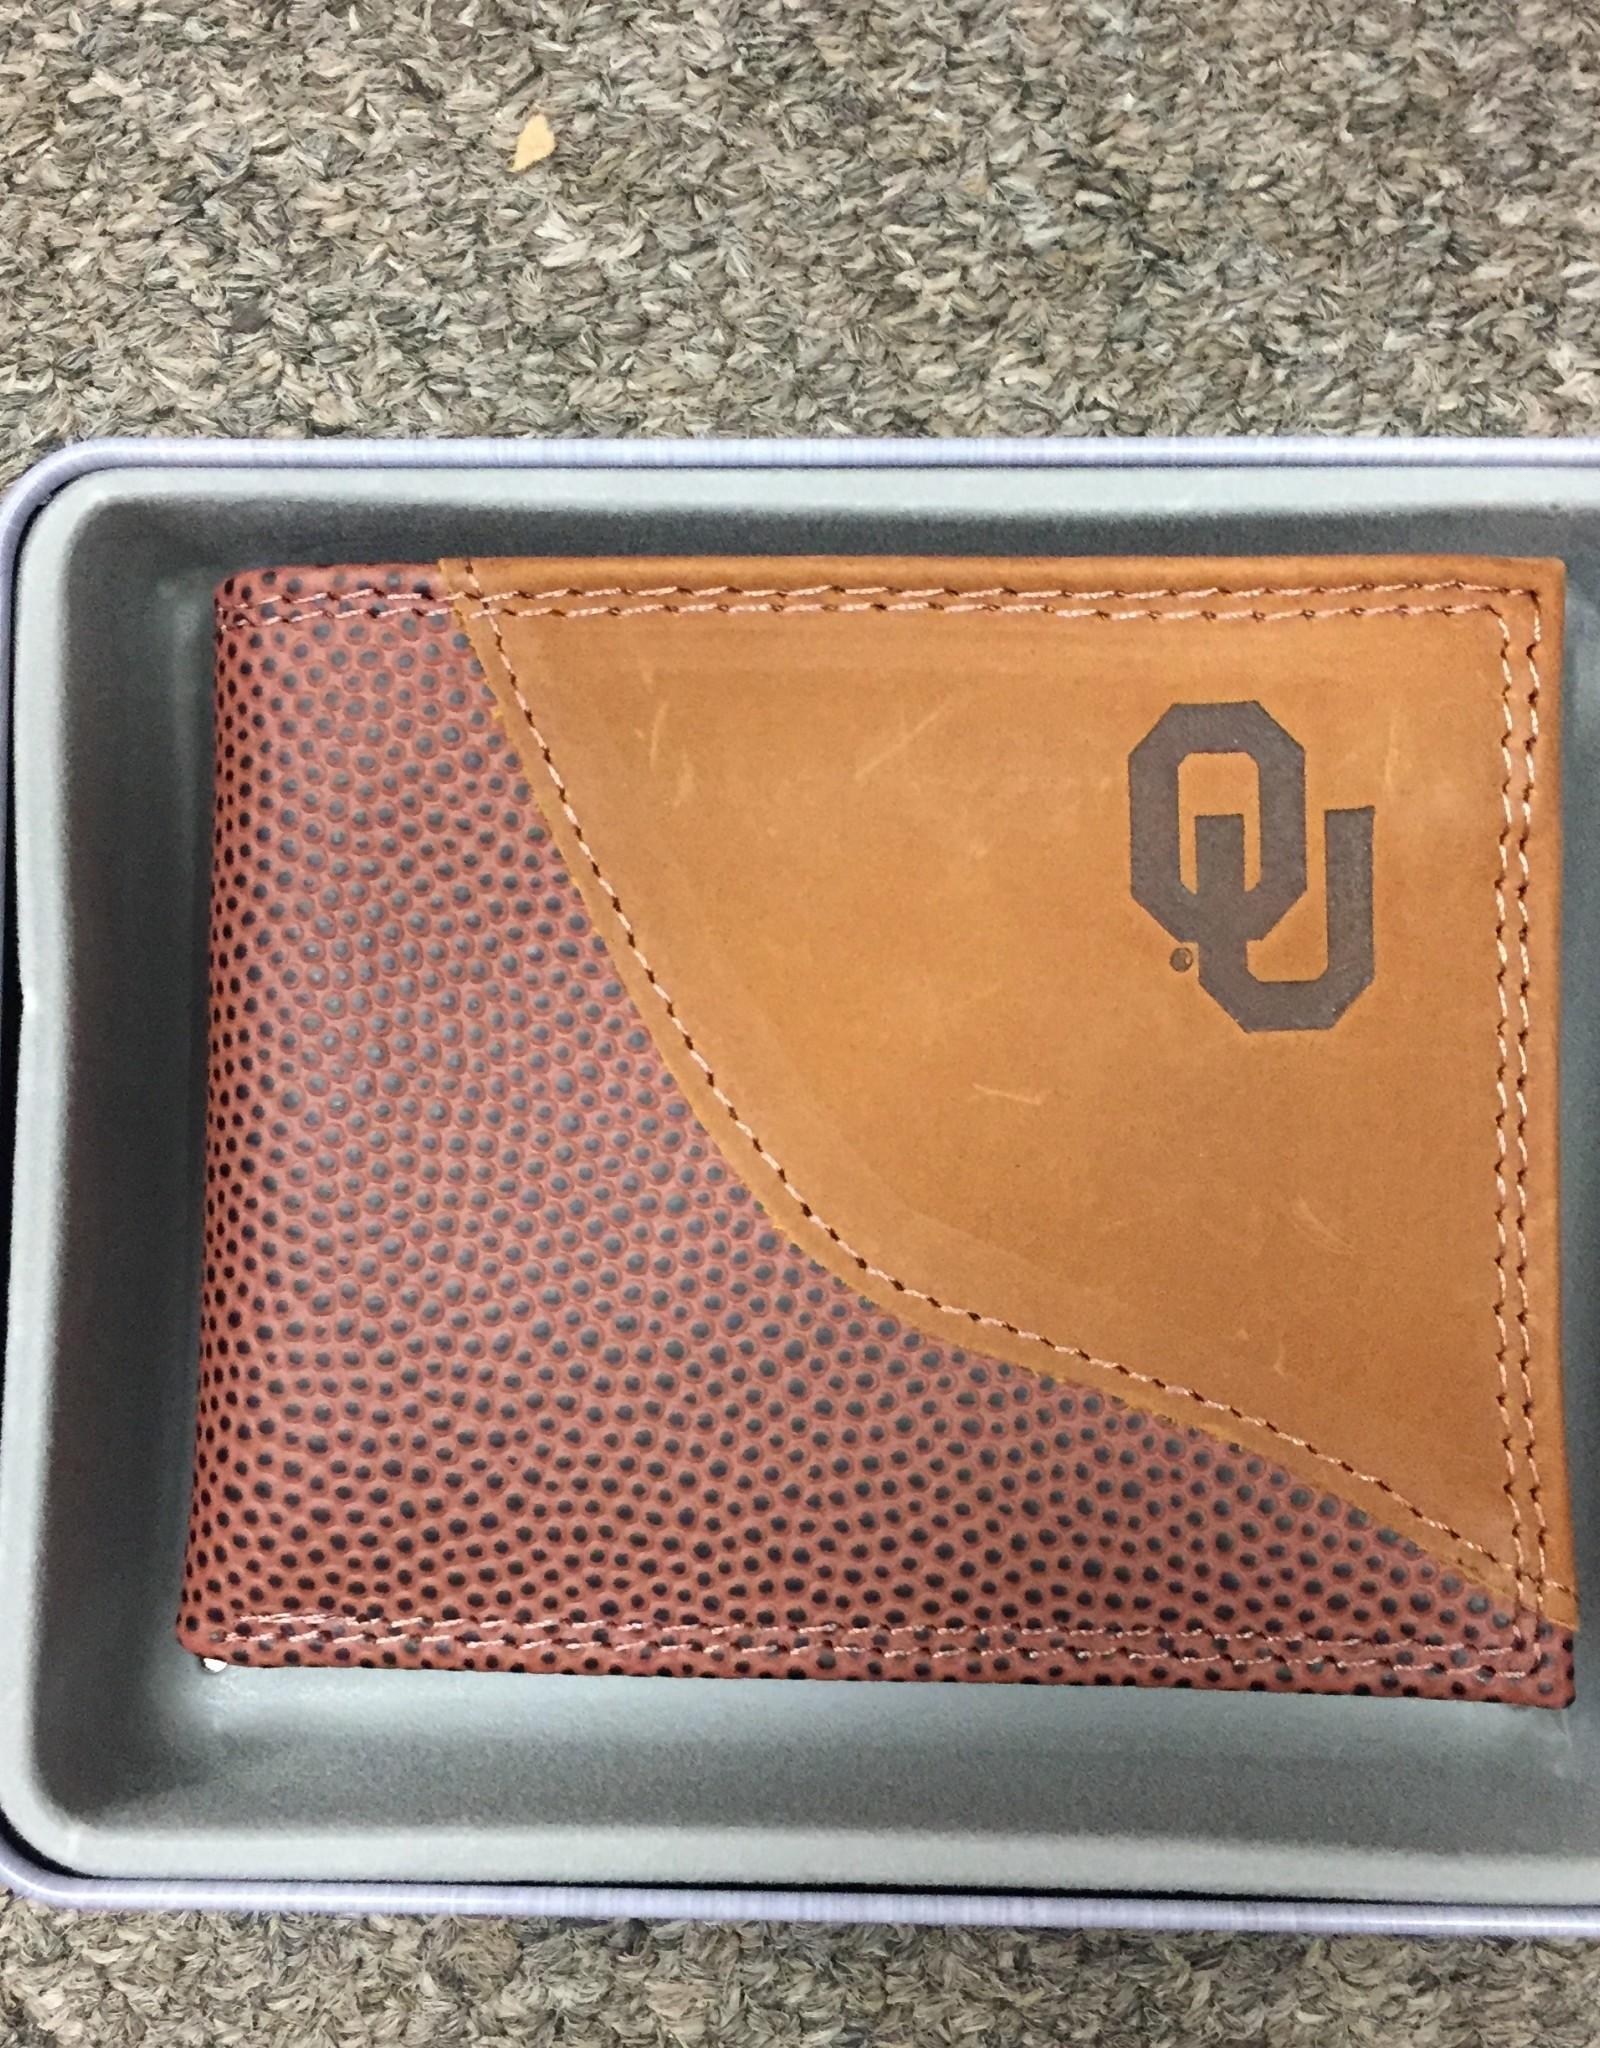 Zep-Pro Zep-Pro Football Grain Passcase Embossed Wallet